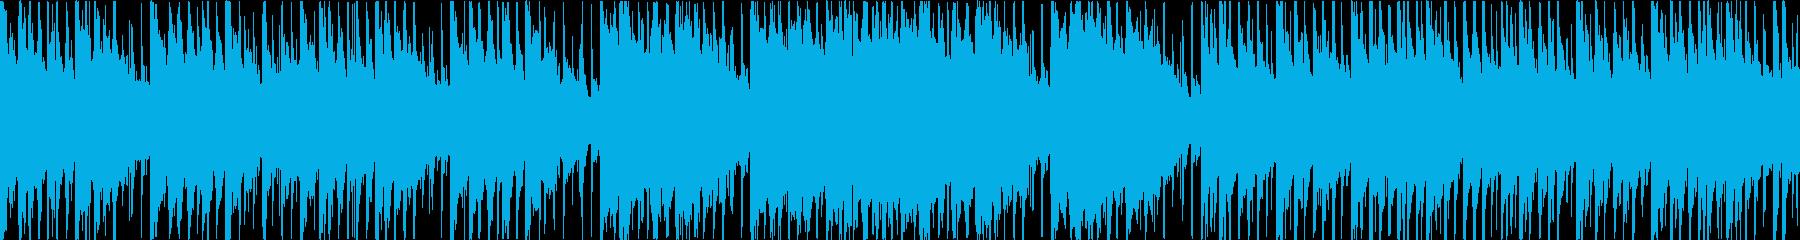 和楽器を使った和風しっとりバラードの再生済みの波形